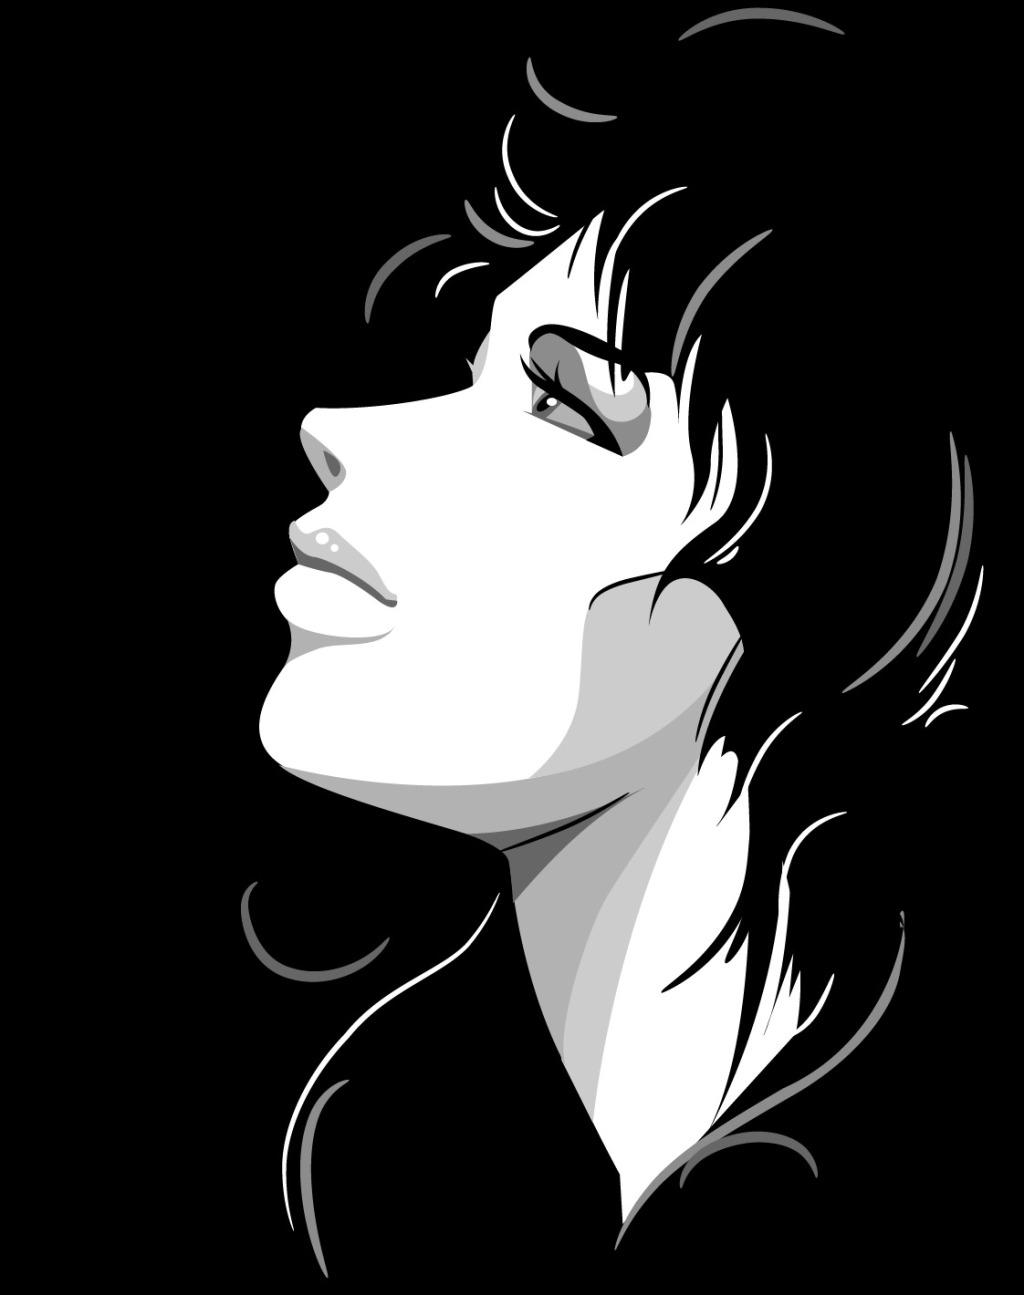 平面设计黑白人物画